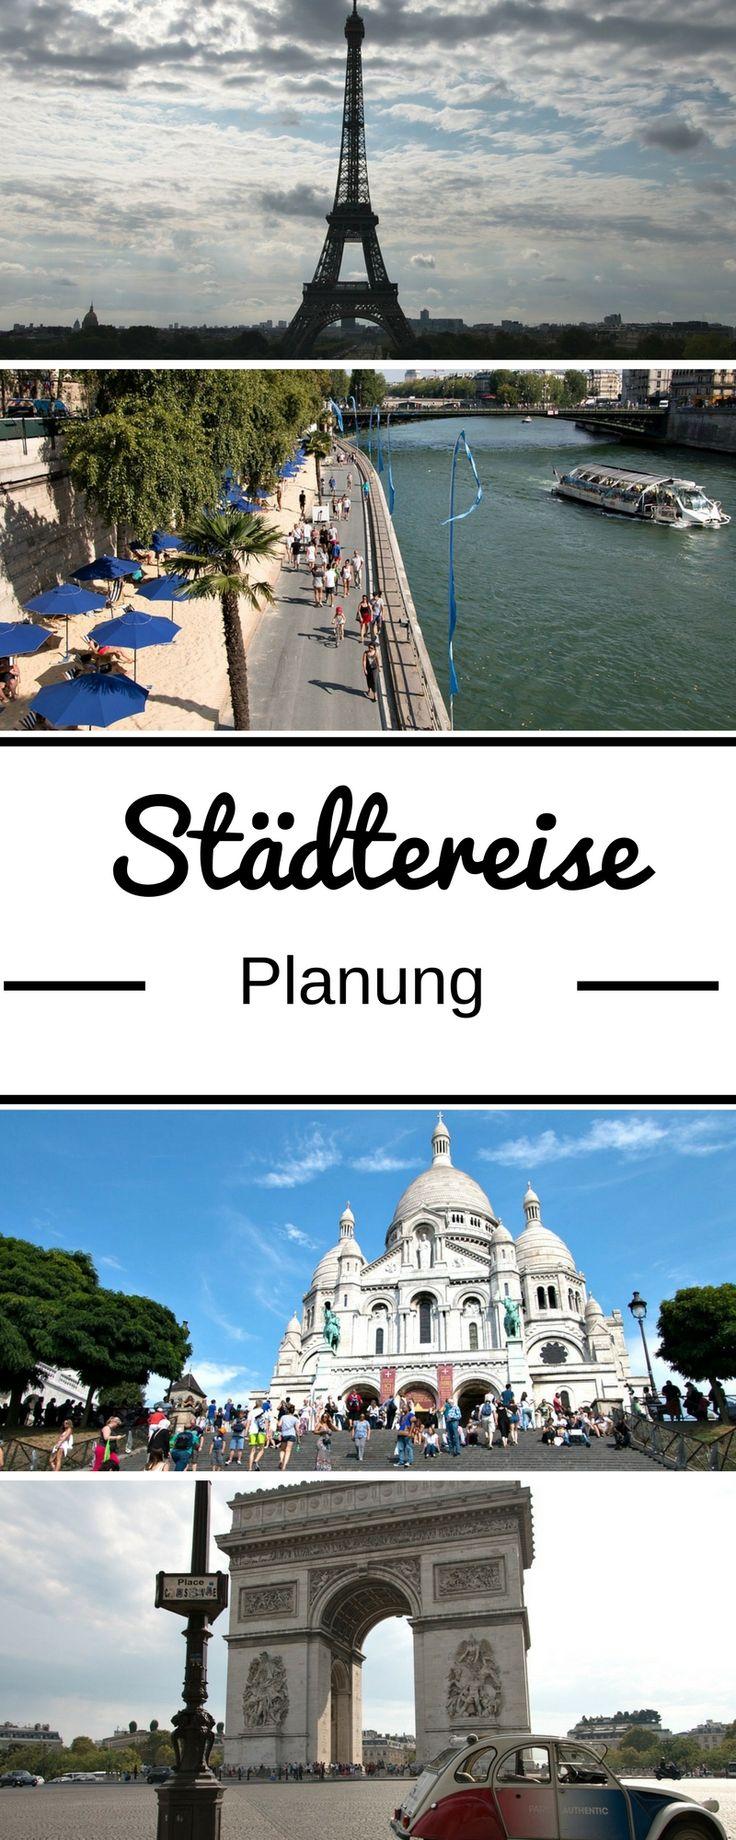 Im Artikel auf meinem Reiseblog zeige ich euch, wie ihr in 9 Schritten eure Städtereise mit Flug planen könnt. Damit ihr aus Reisezeit und -budget das Beste herausholt! #Städtereisen #Städtereise #CityTrip #Reiseplanung #Paris